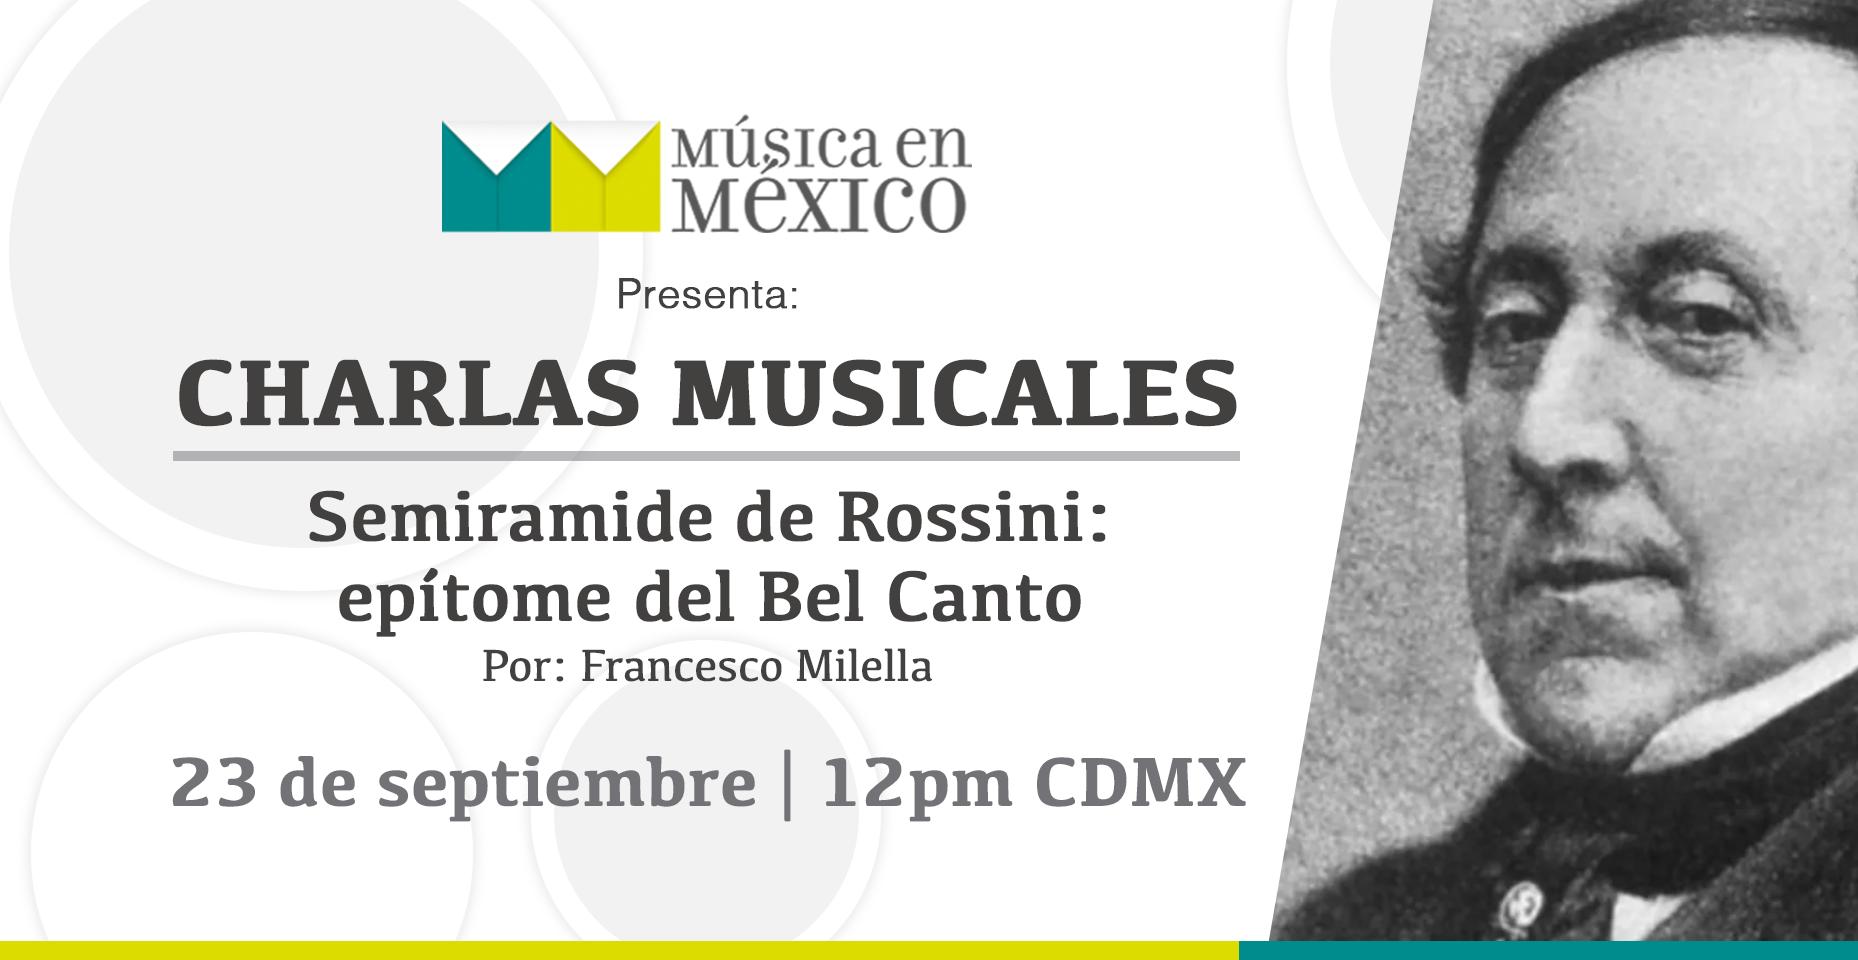 Charla Musical 23 de septiembre